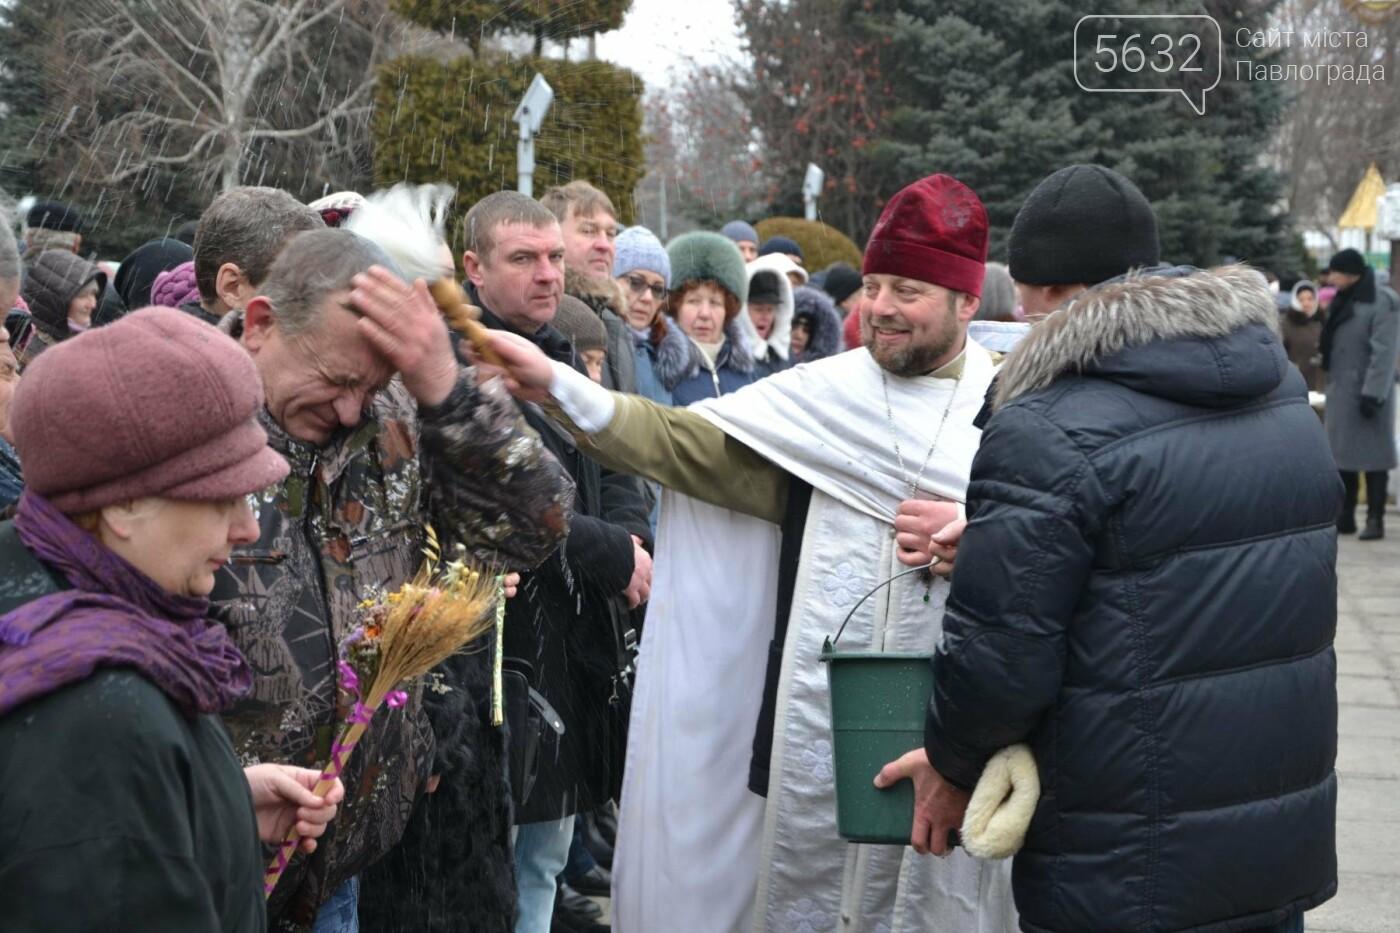 Молитвами і пірнанням в ополонку павлоградці відзначили свято Хрещення Господнього, фото-3